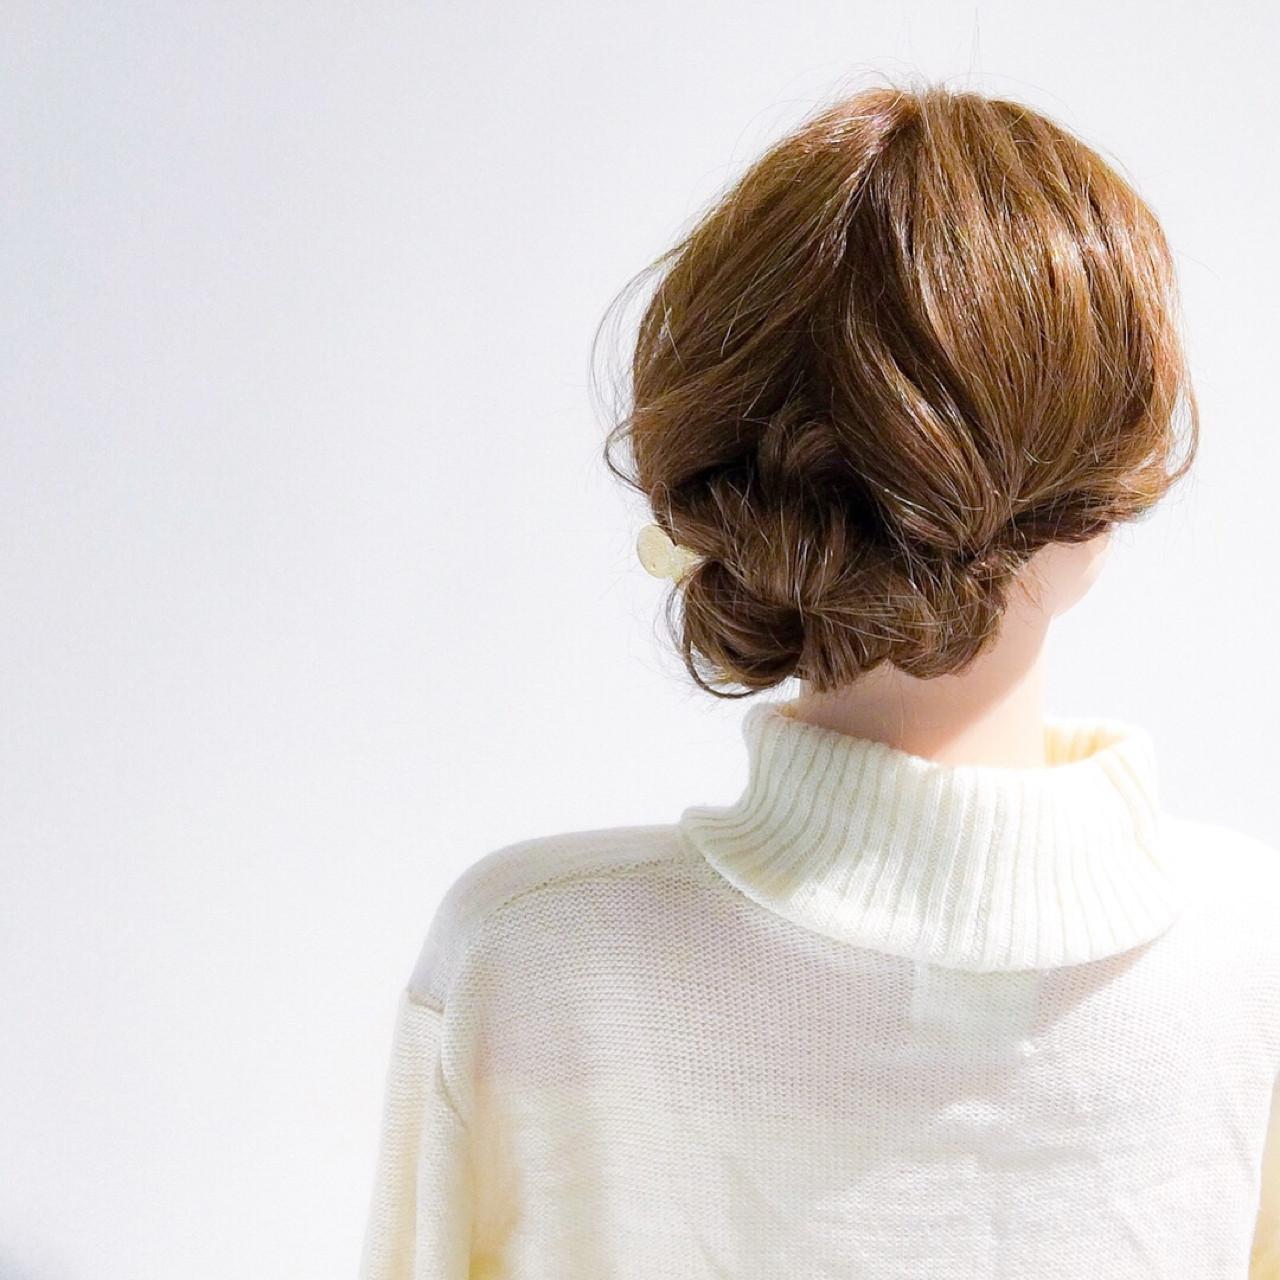 セミロング オフィス 結婚式 上品 ヘアスタイルや髪型の写真・画像